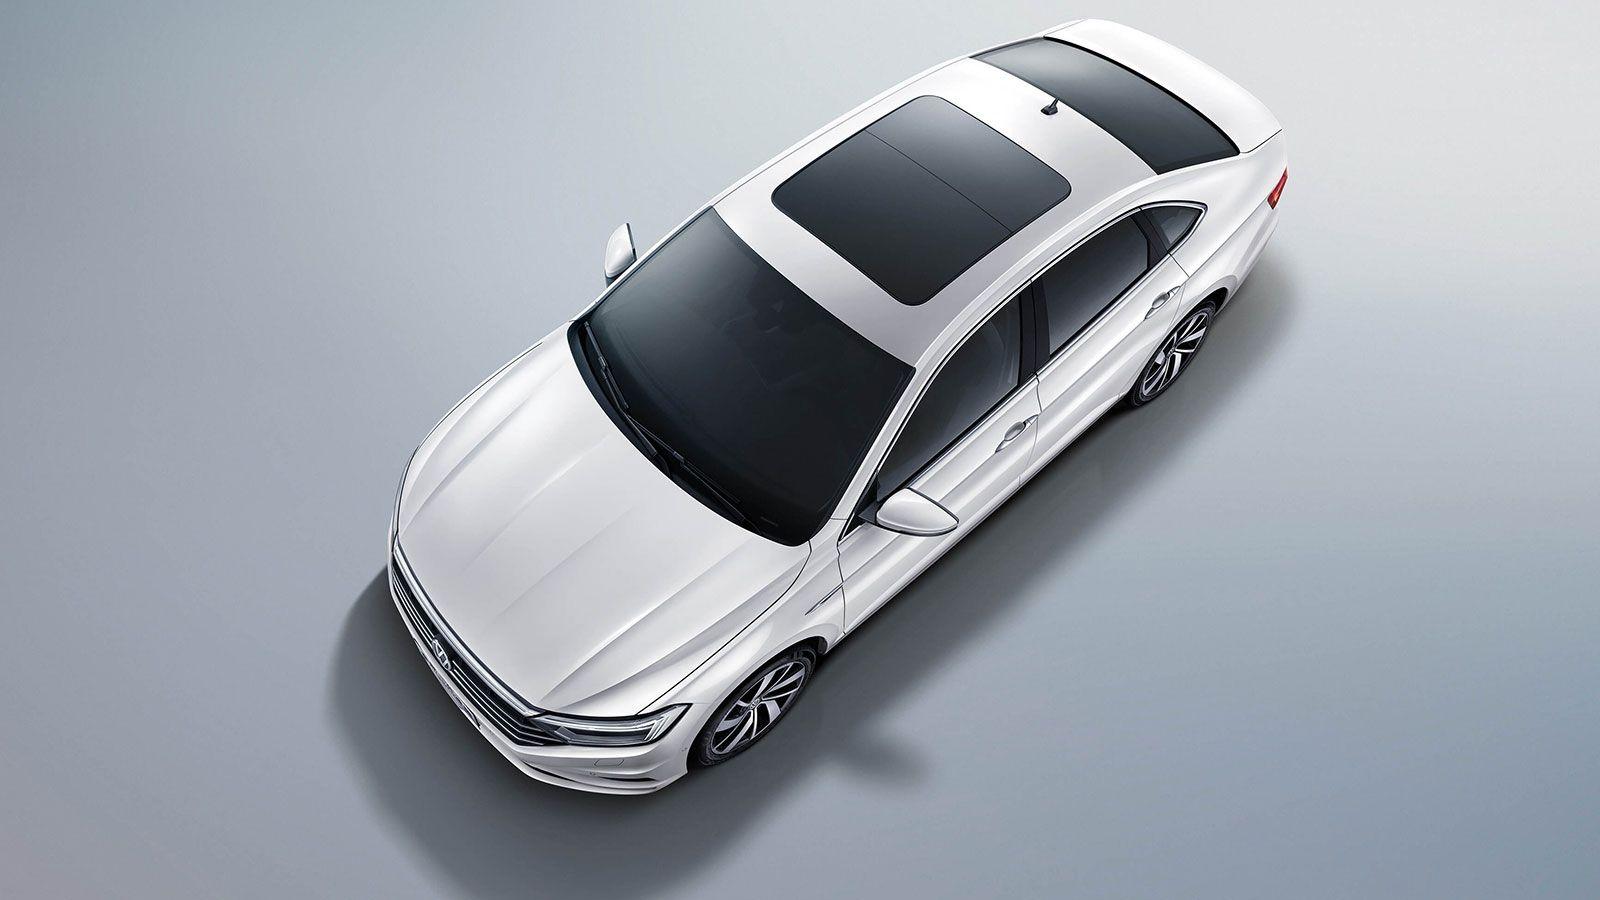 3万降幅 产品力强也向市场低头 15万选紧凑级+家轿不妨看看这款